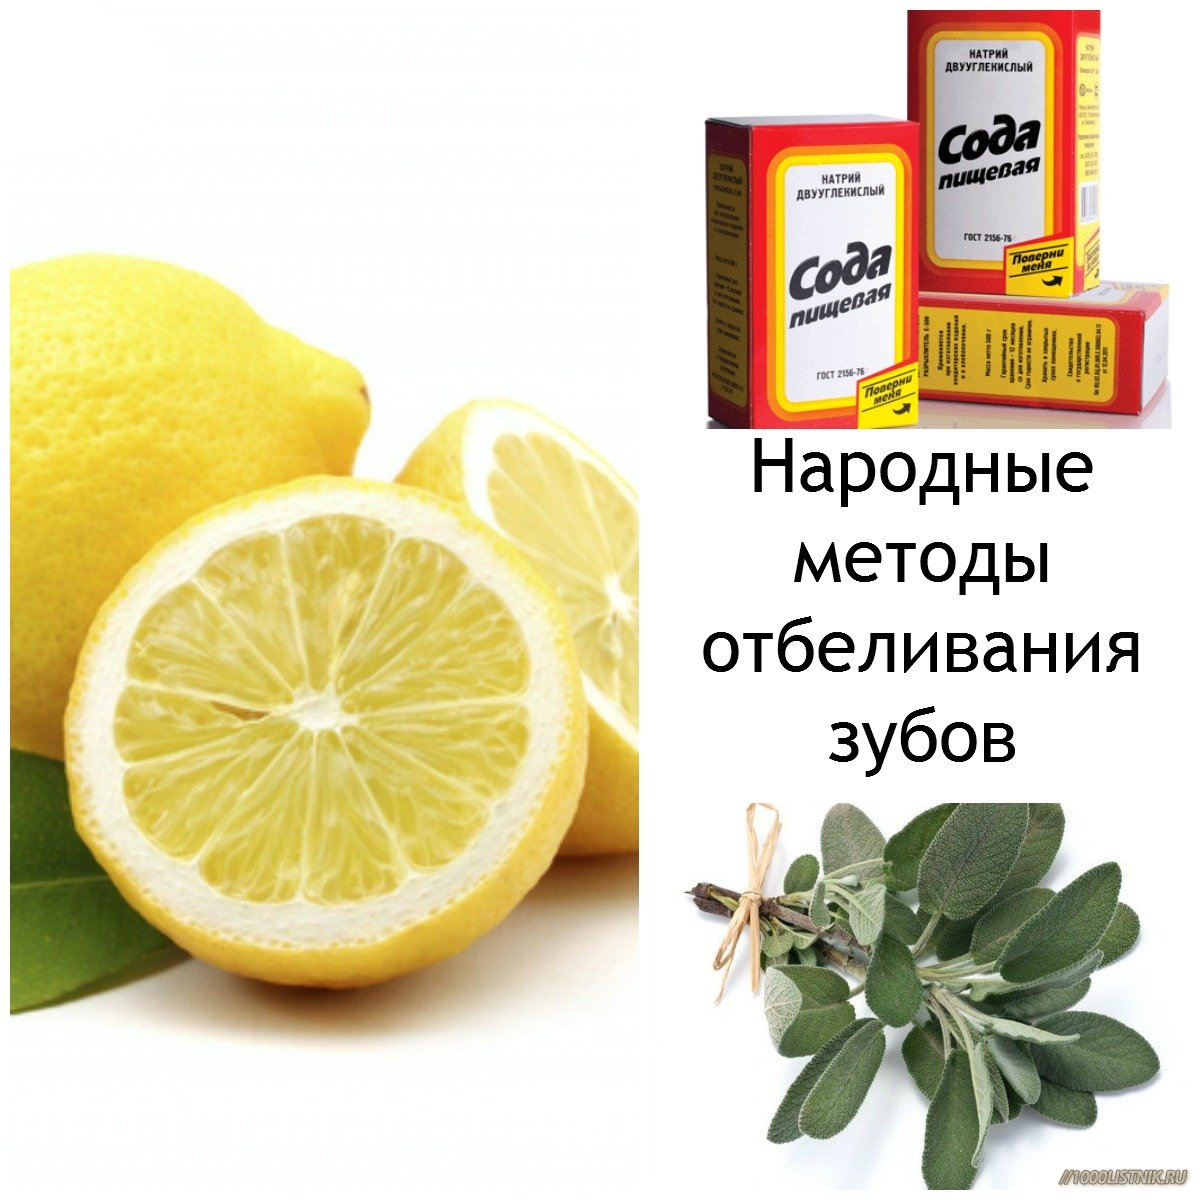 Как отбелить зубы лимонной кислотой